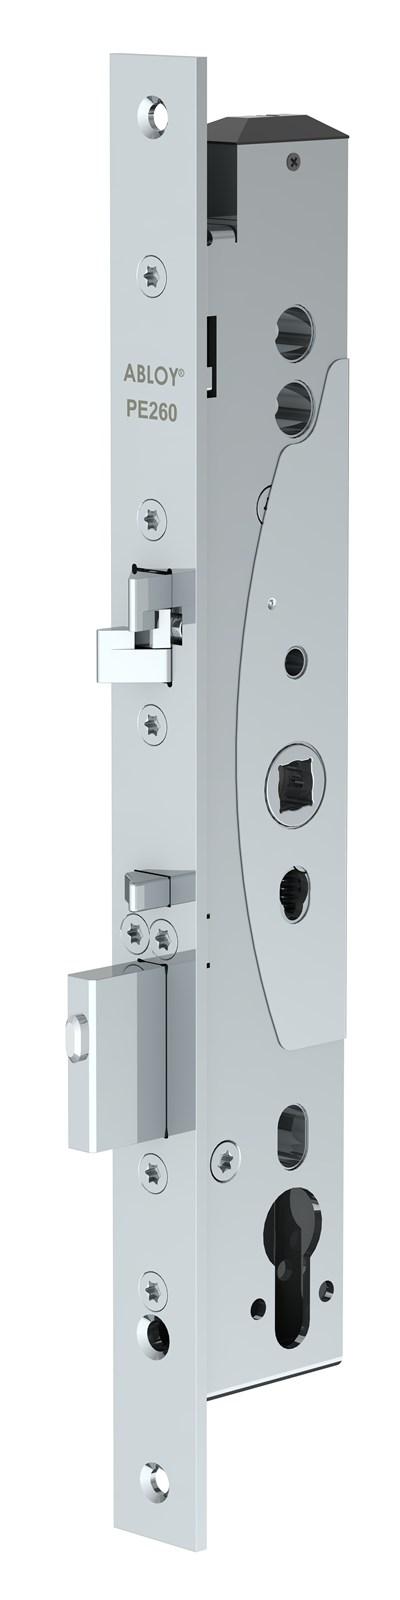 Lock case PE260